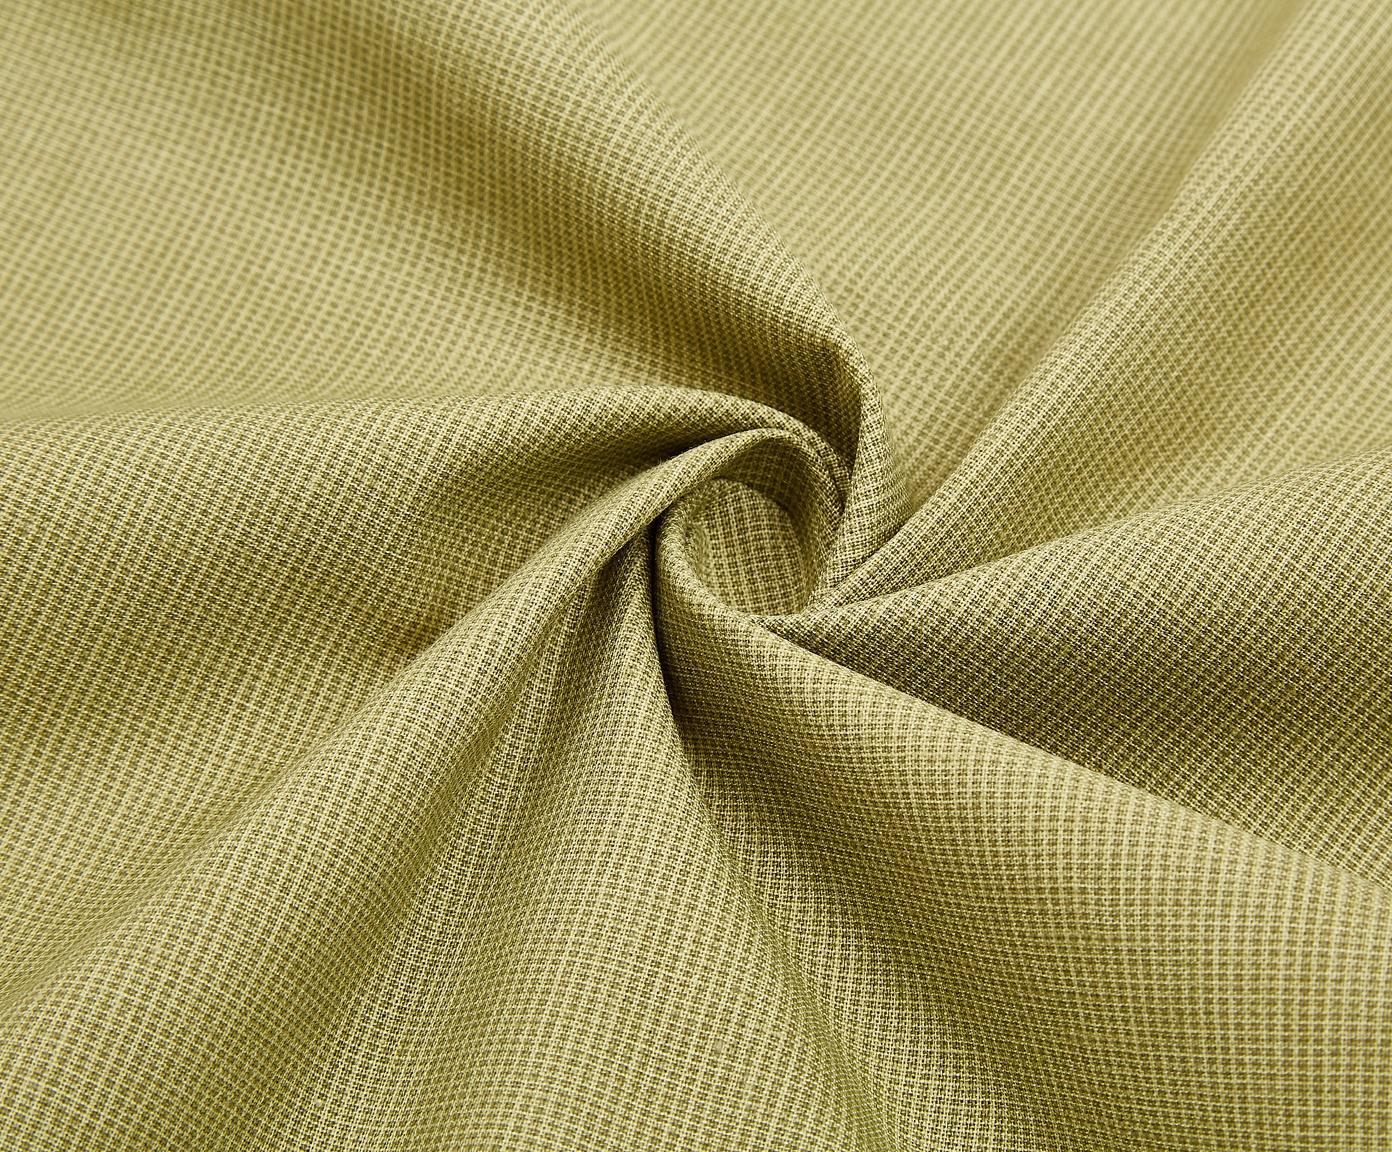 Renforcé dekbedovertrek Soft Structure, Weeftechniek: renforcé, Groen, 240 x 220 cm